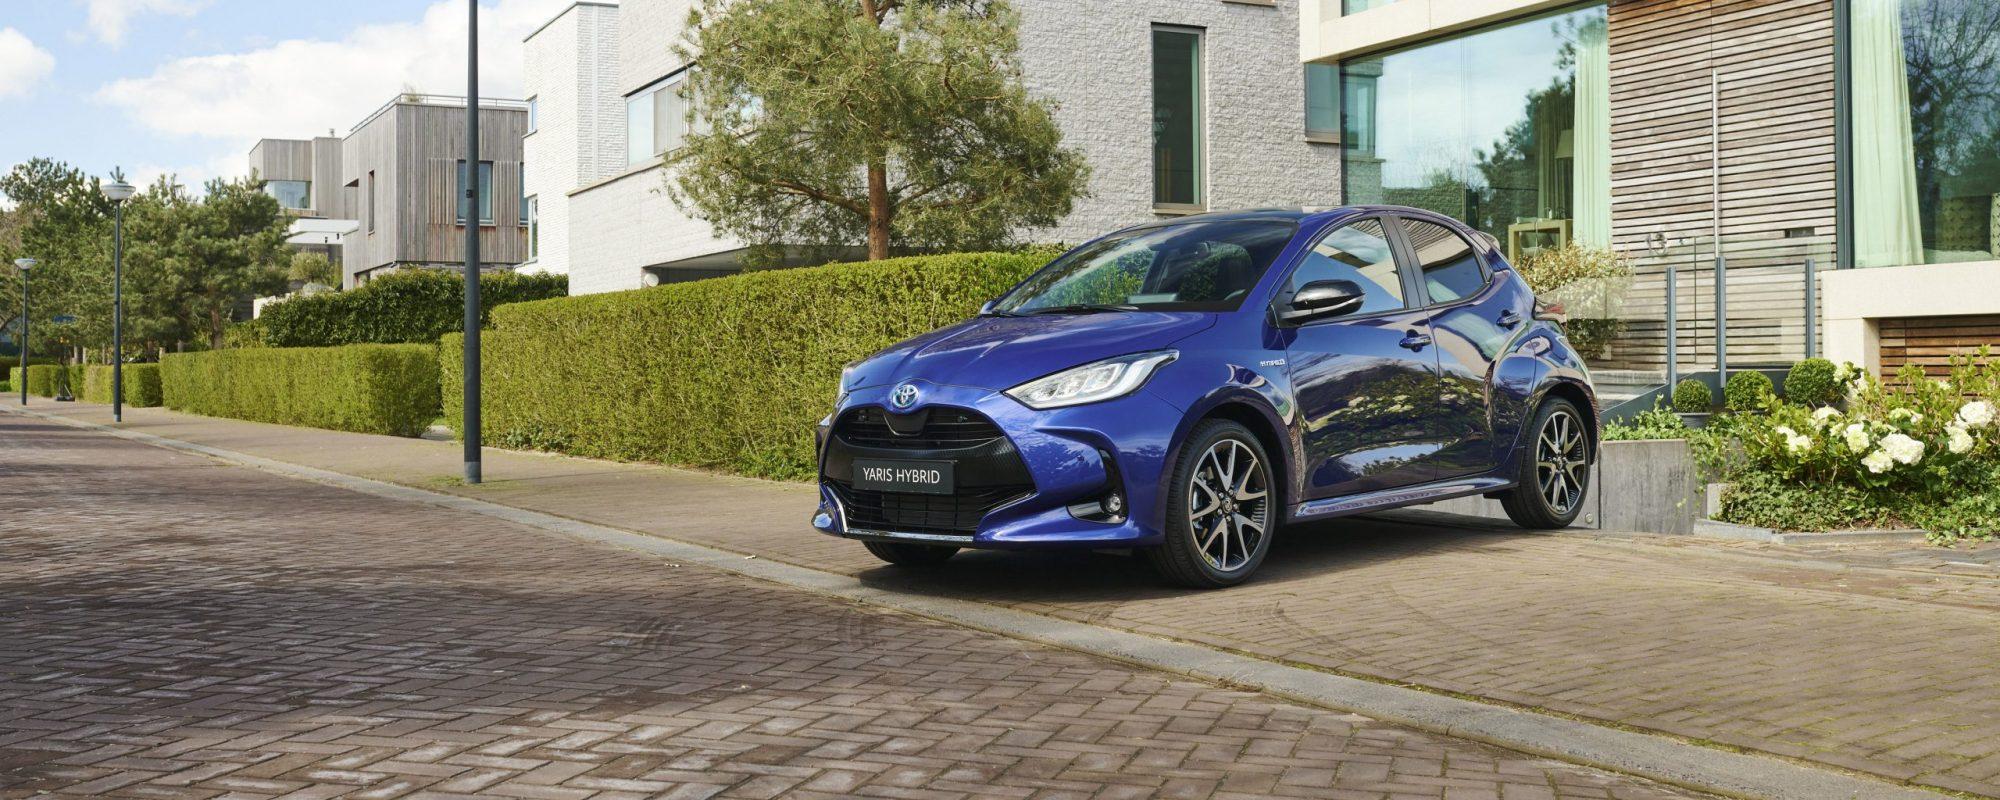 Toyota Hybrid upgrade: zuiniger en comfortabeler rijden zonder meerprijs